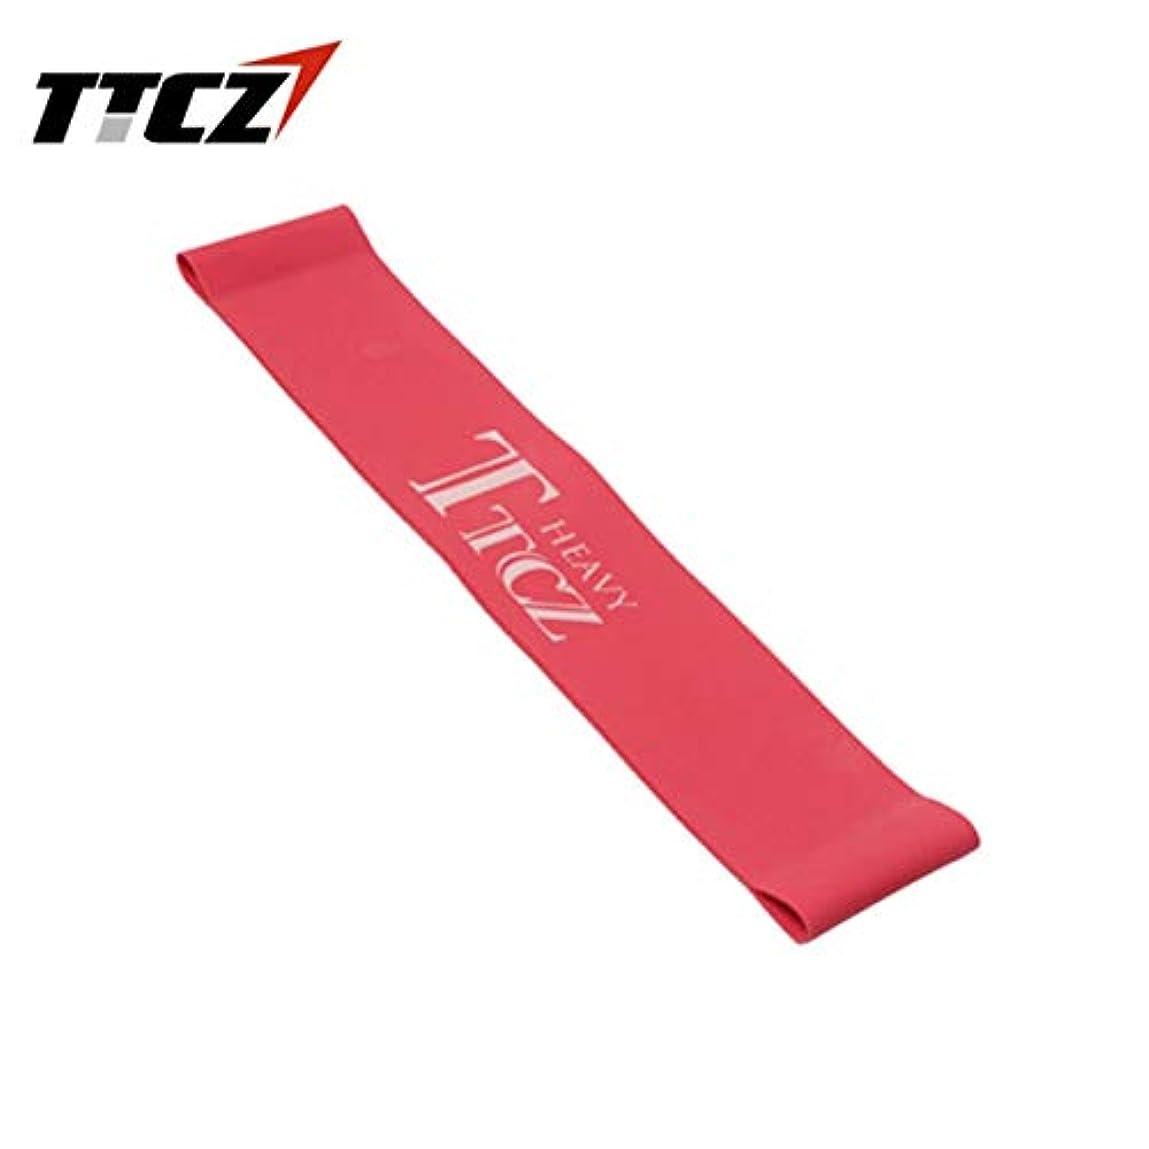 理容室適度な許可する弾性張力抵抗バンドエクササイズワークラバーループバンドボディービル筋肉トレーニングエキスパンダーヨガフィットネス機器 - 赤